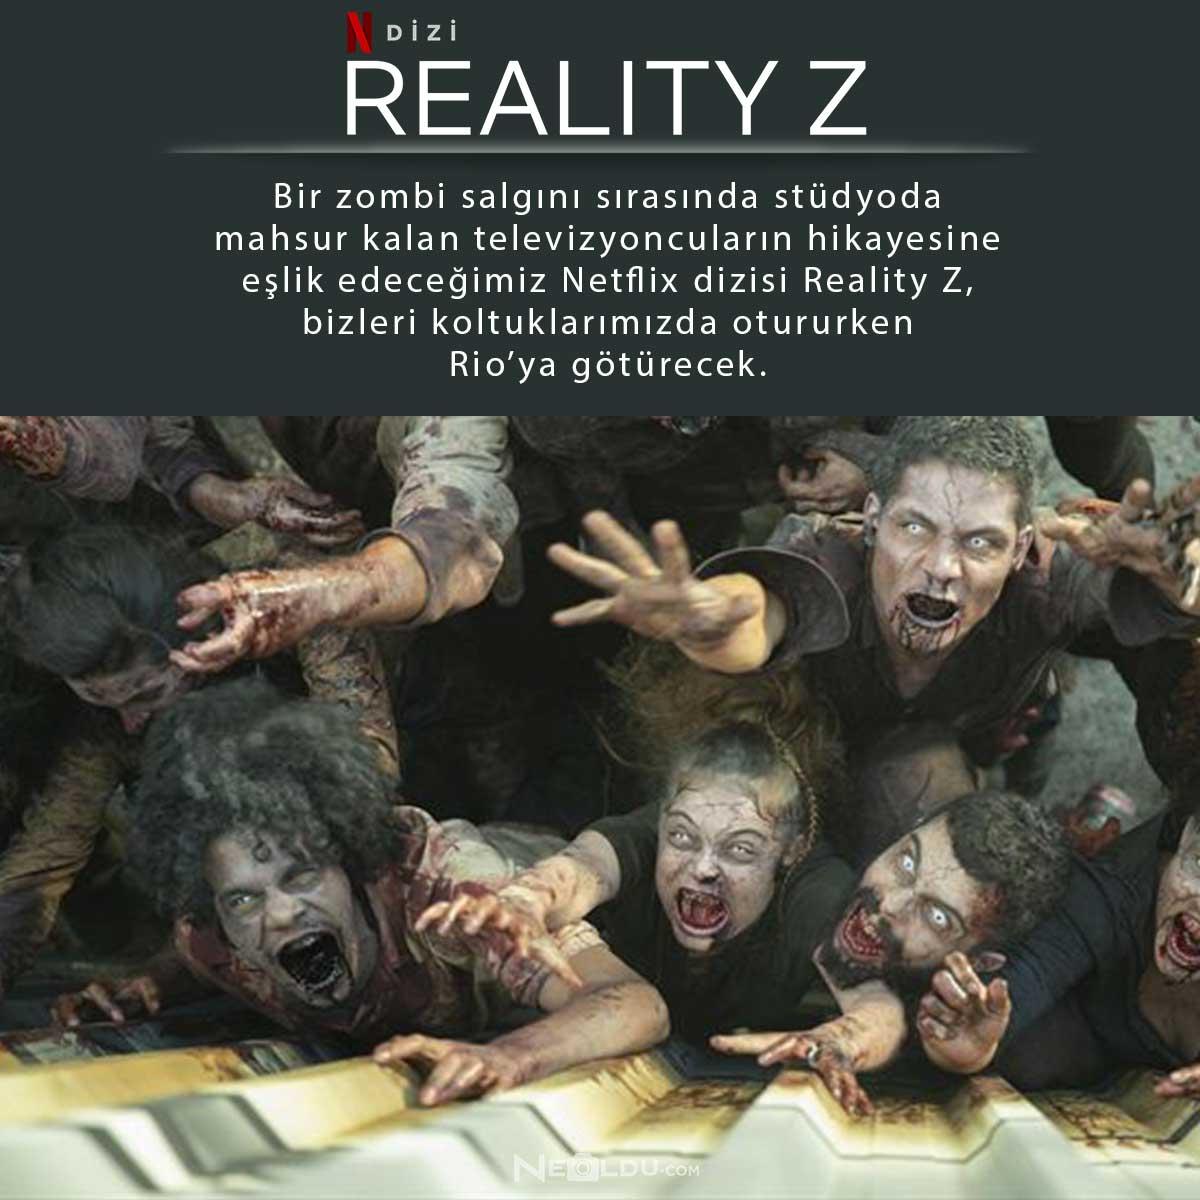 reality-z-dizisi.jpg